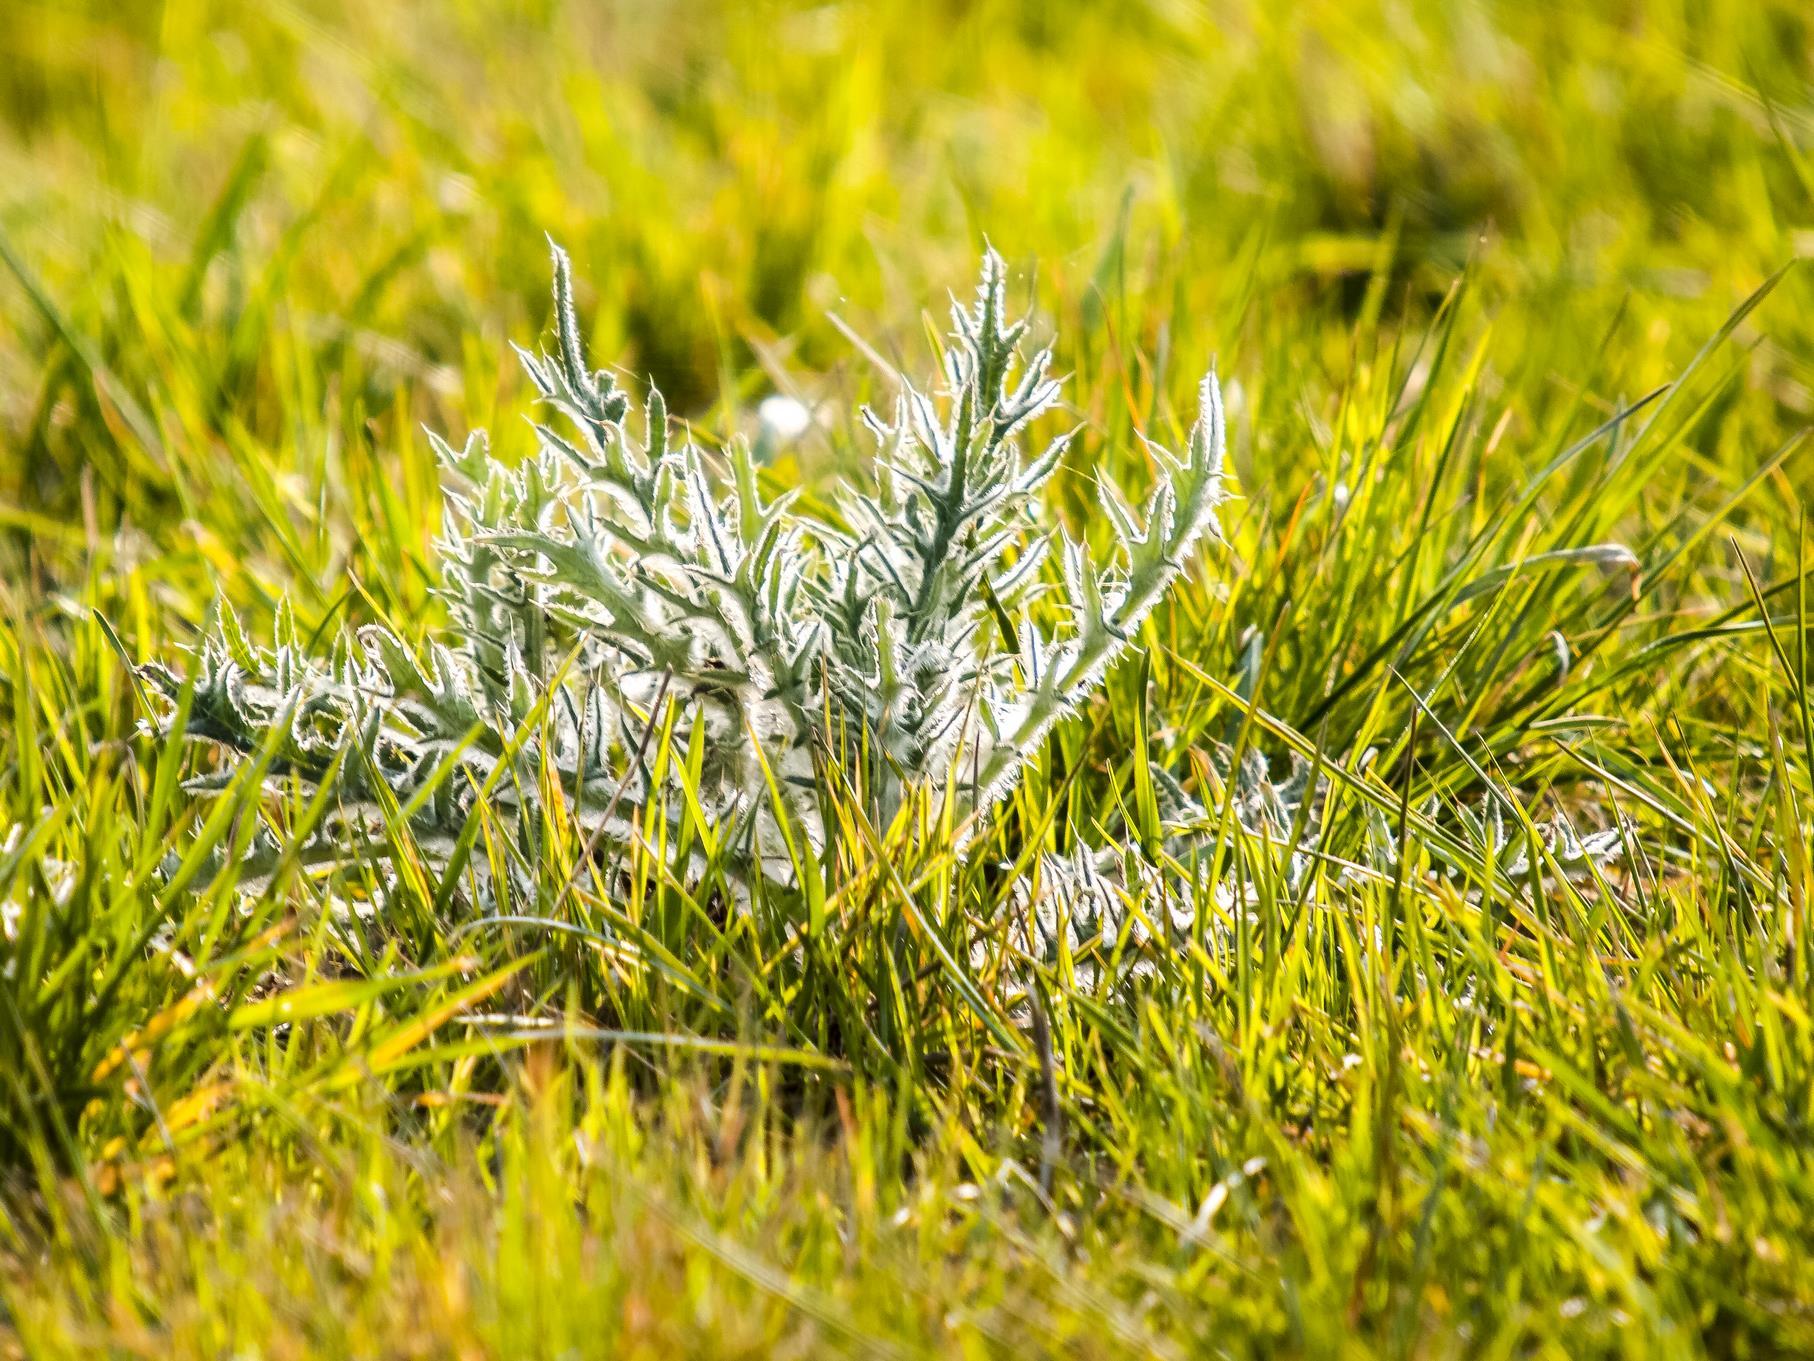 Die ersten Blühpflanzen haben im April bereits Rosetten gebildet.